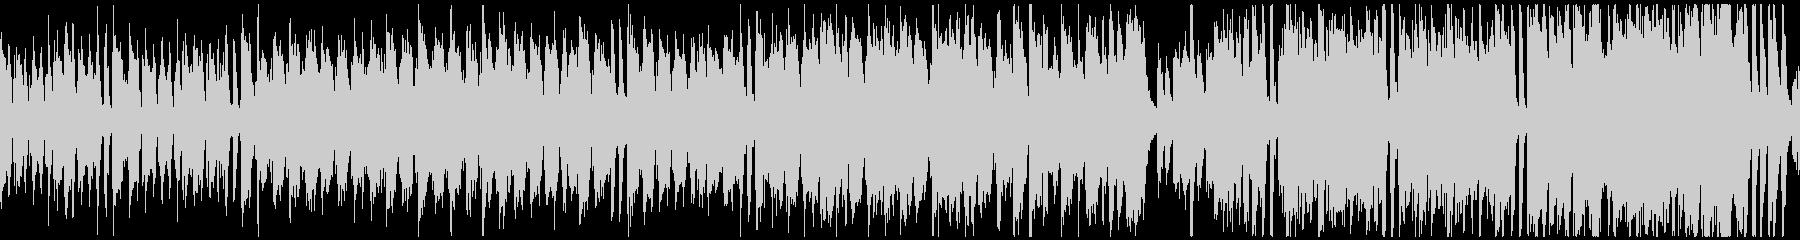 楽しいトラッド日常曲(ループ)の未再生の波形